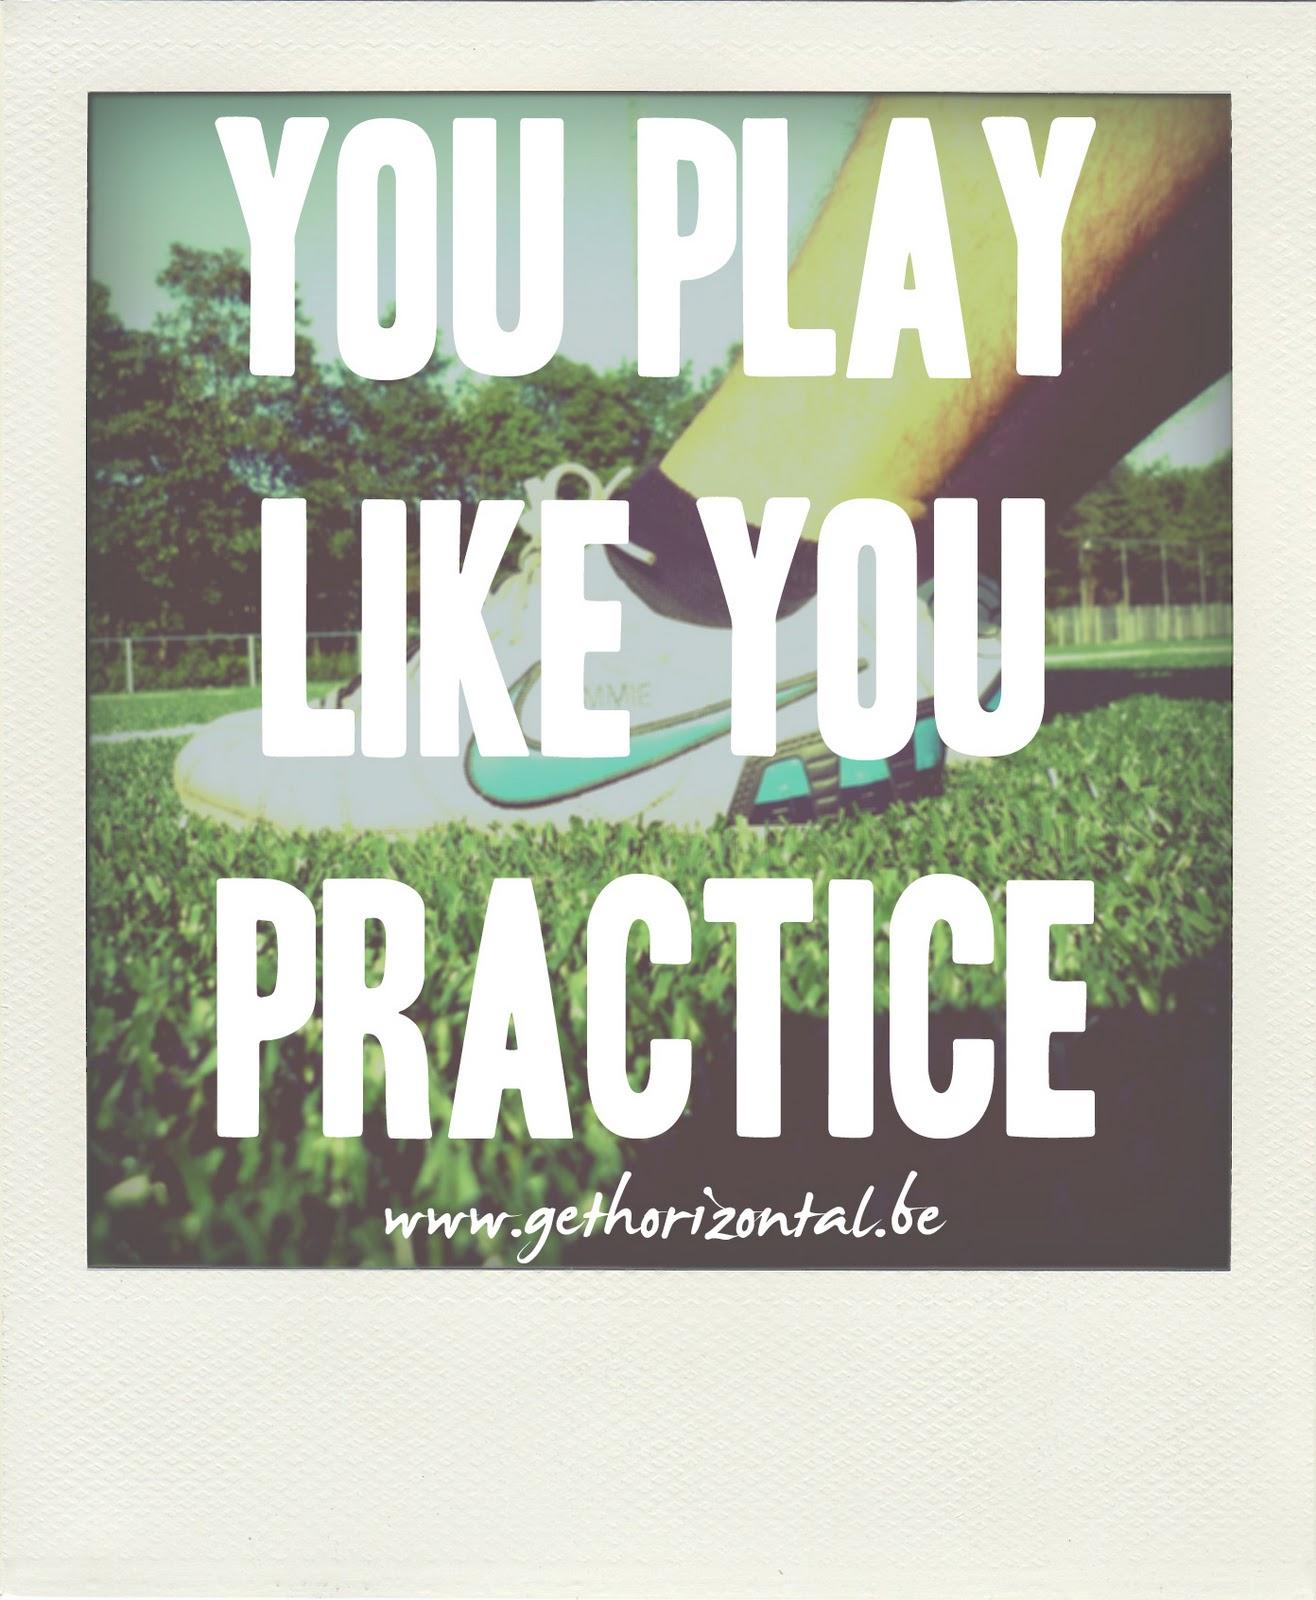 http://1.bp.blogspot.com/-U9lsRz4mPpE/Trff1CUp08I/AAAAAAAADO4/sgUBKFRKwVg/s1600/play+like+you+practice+2.jpg